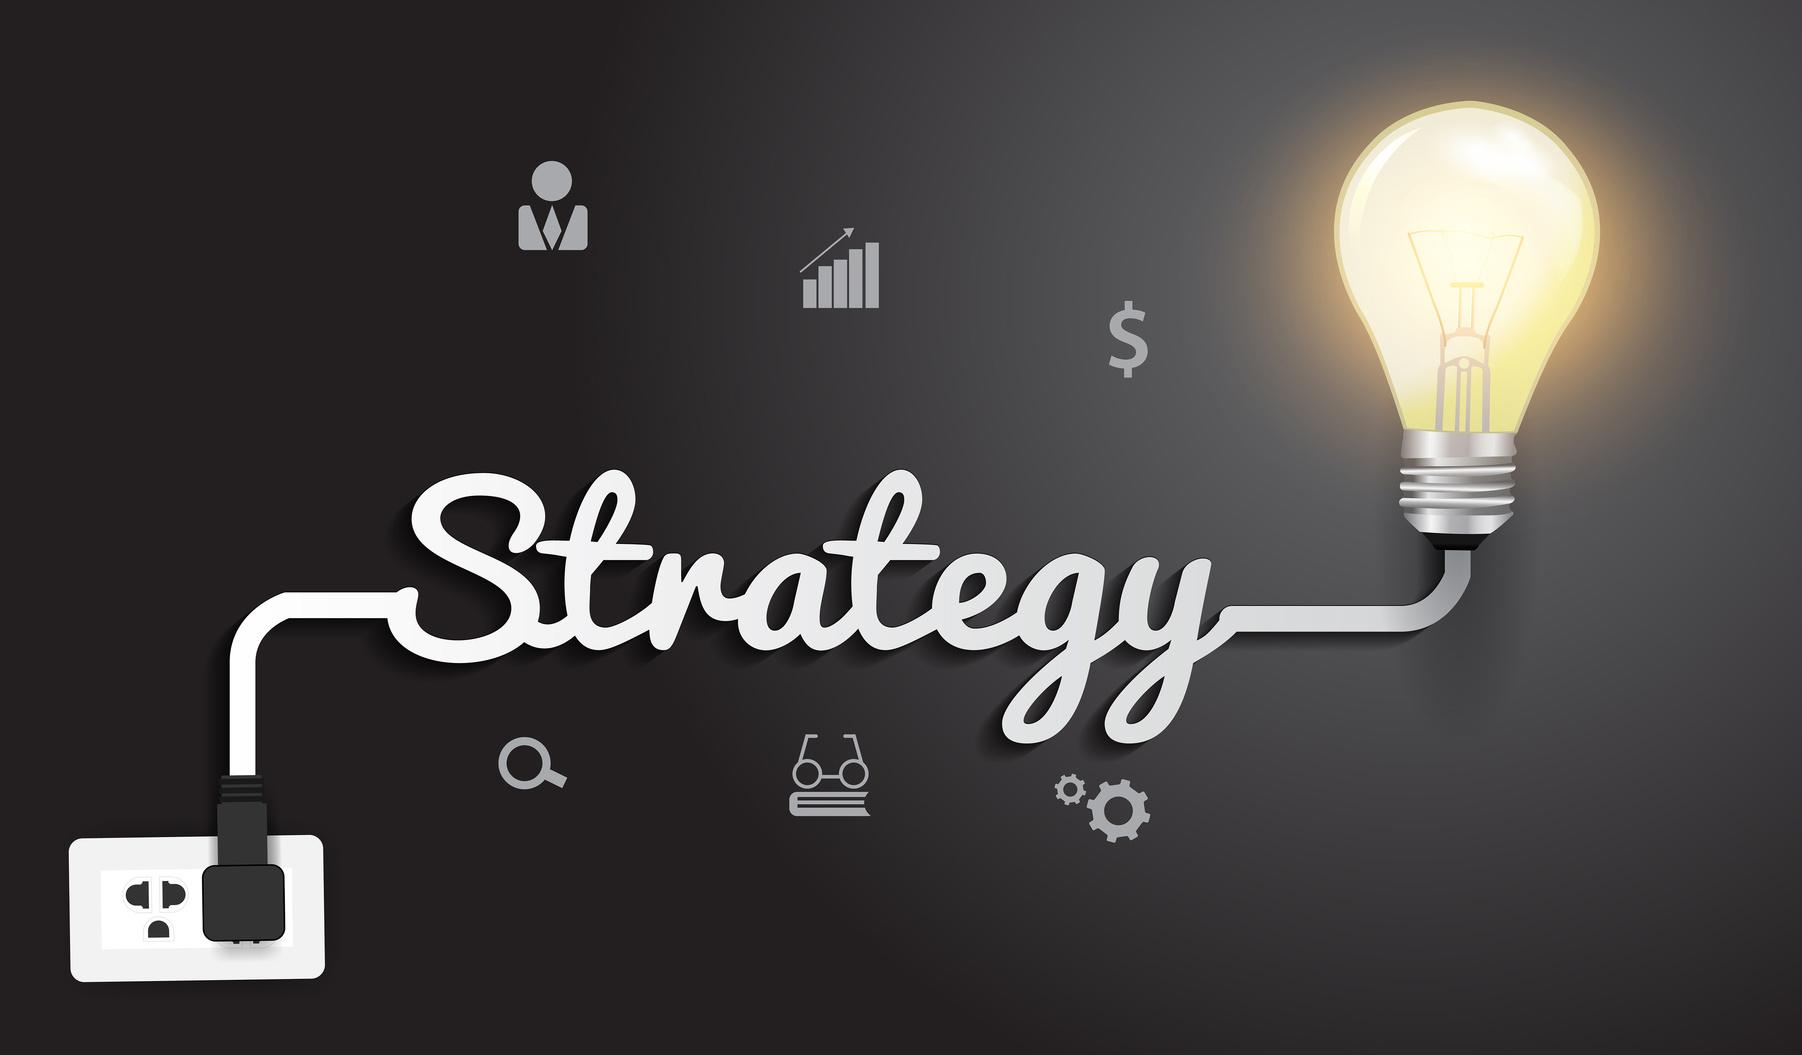 بازاریابی در تولید محتوا با ۲۰ ایده برتر در همه کسب و کارها - مقاله - پندانه - دپارتمان مدیریت فن آوران حکیم